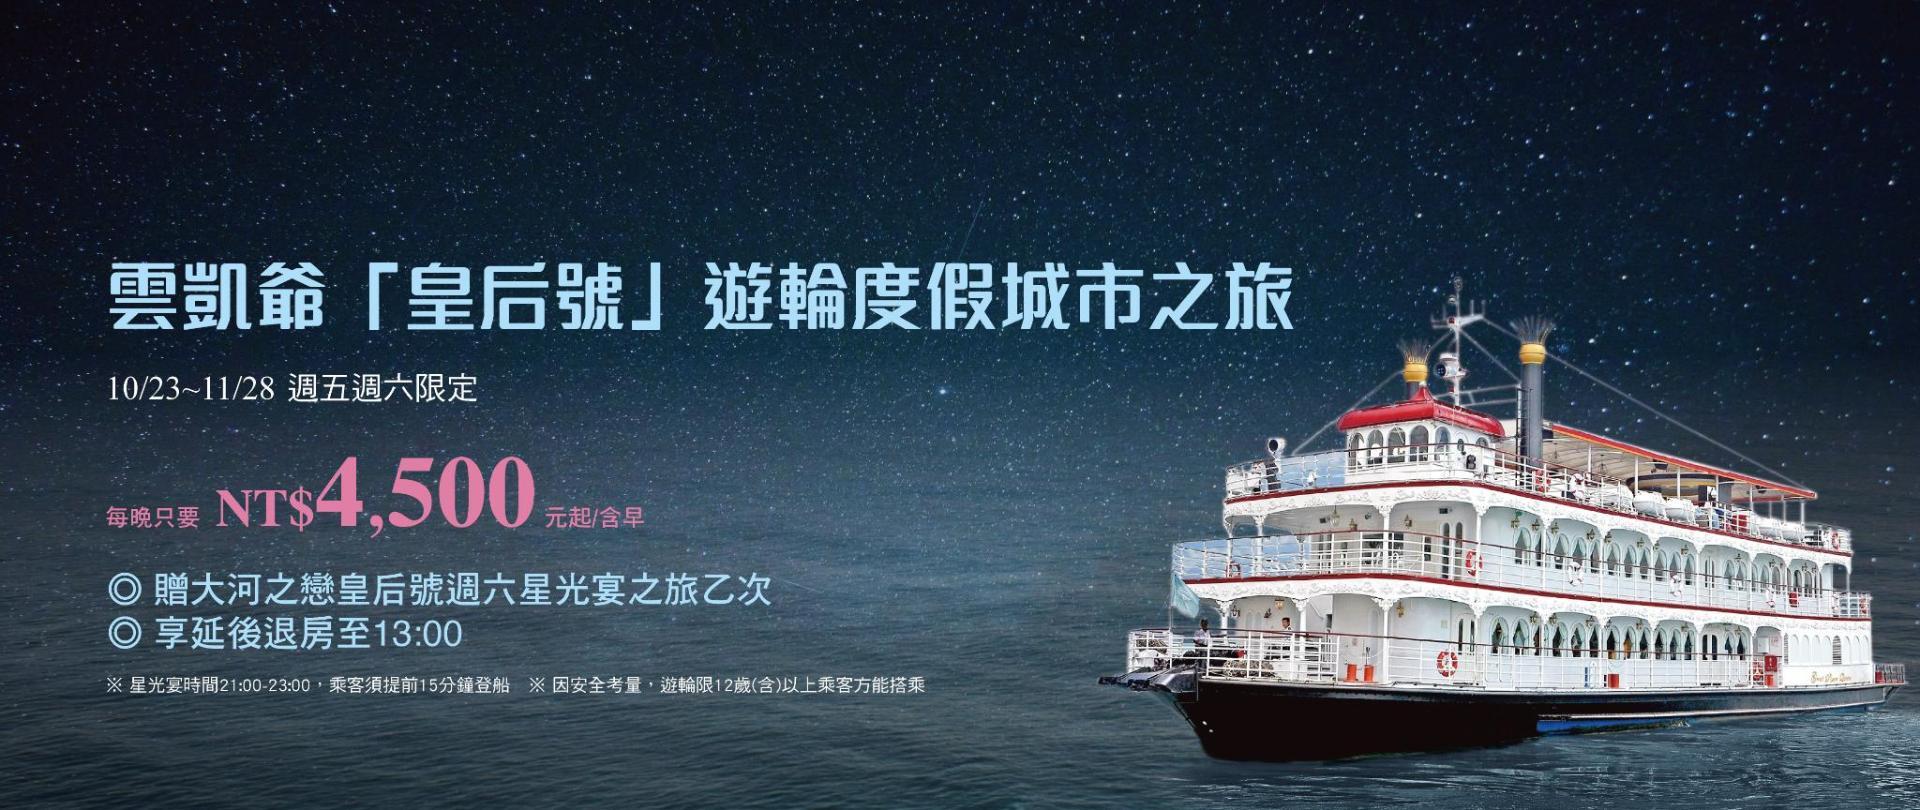 官網Slide-Show4000X1688_CLR遊輪之旅住房專案1026.jpg